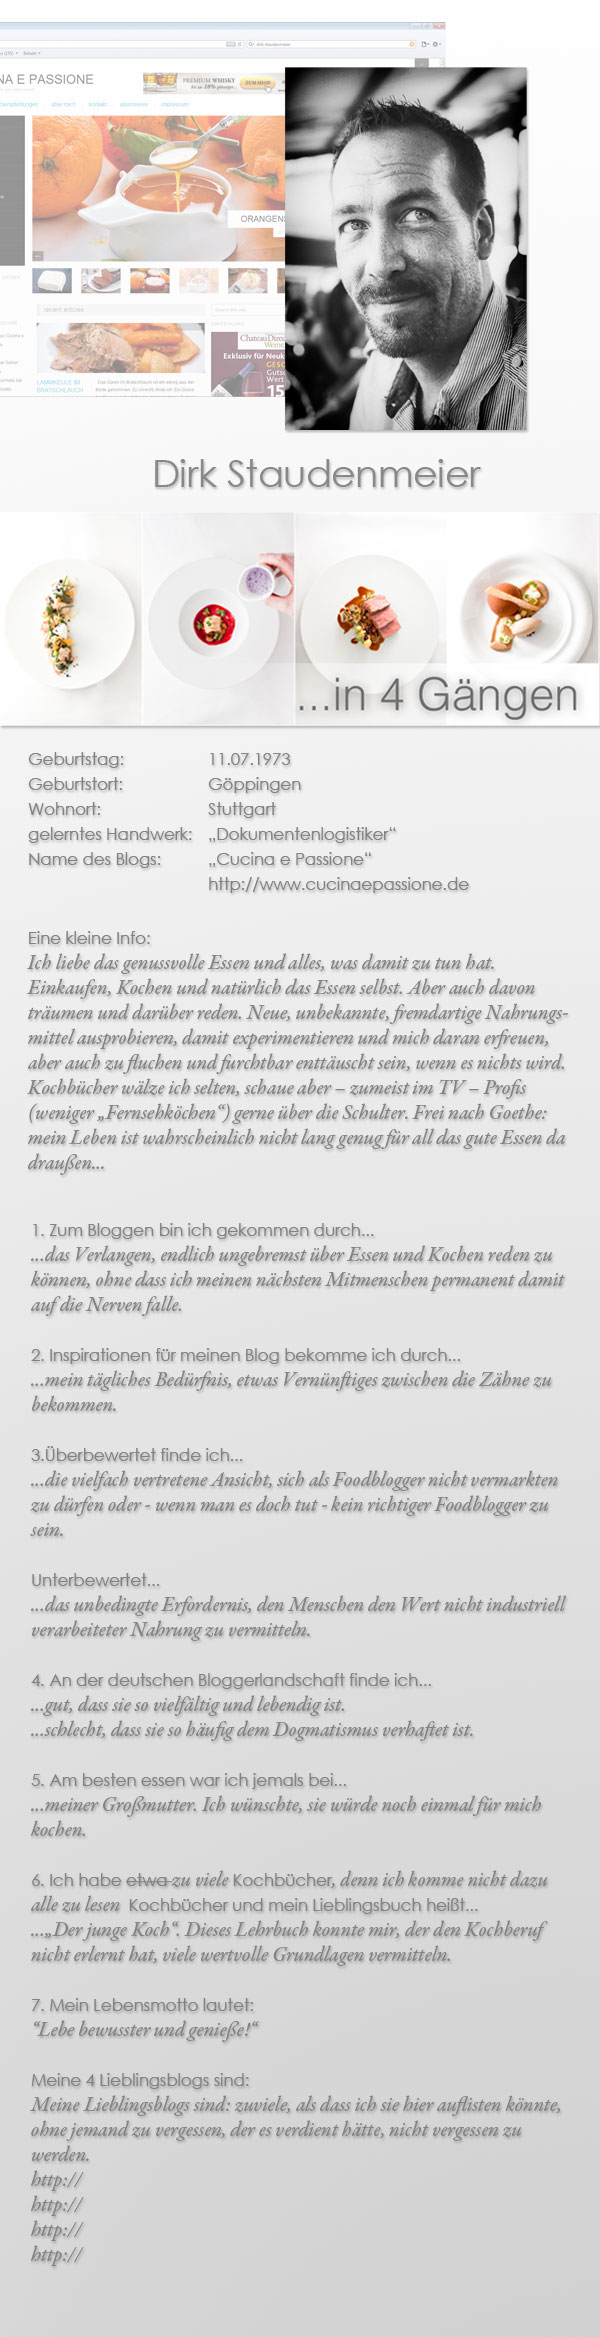 Dirk-Staudenmeier-von-Cuccina-e-Passione-mit-Net